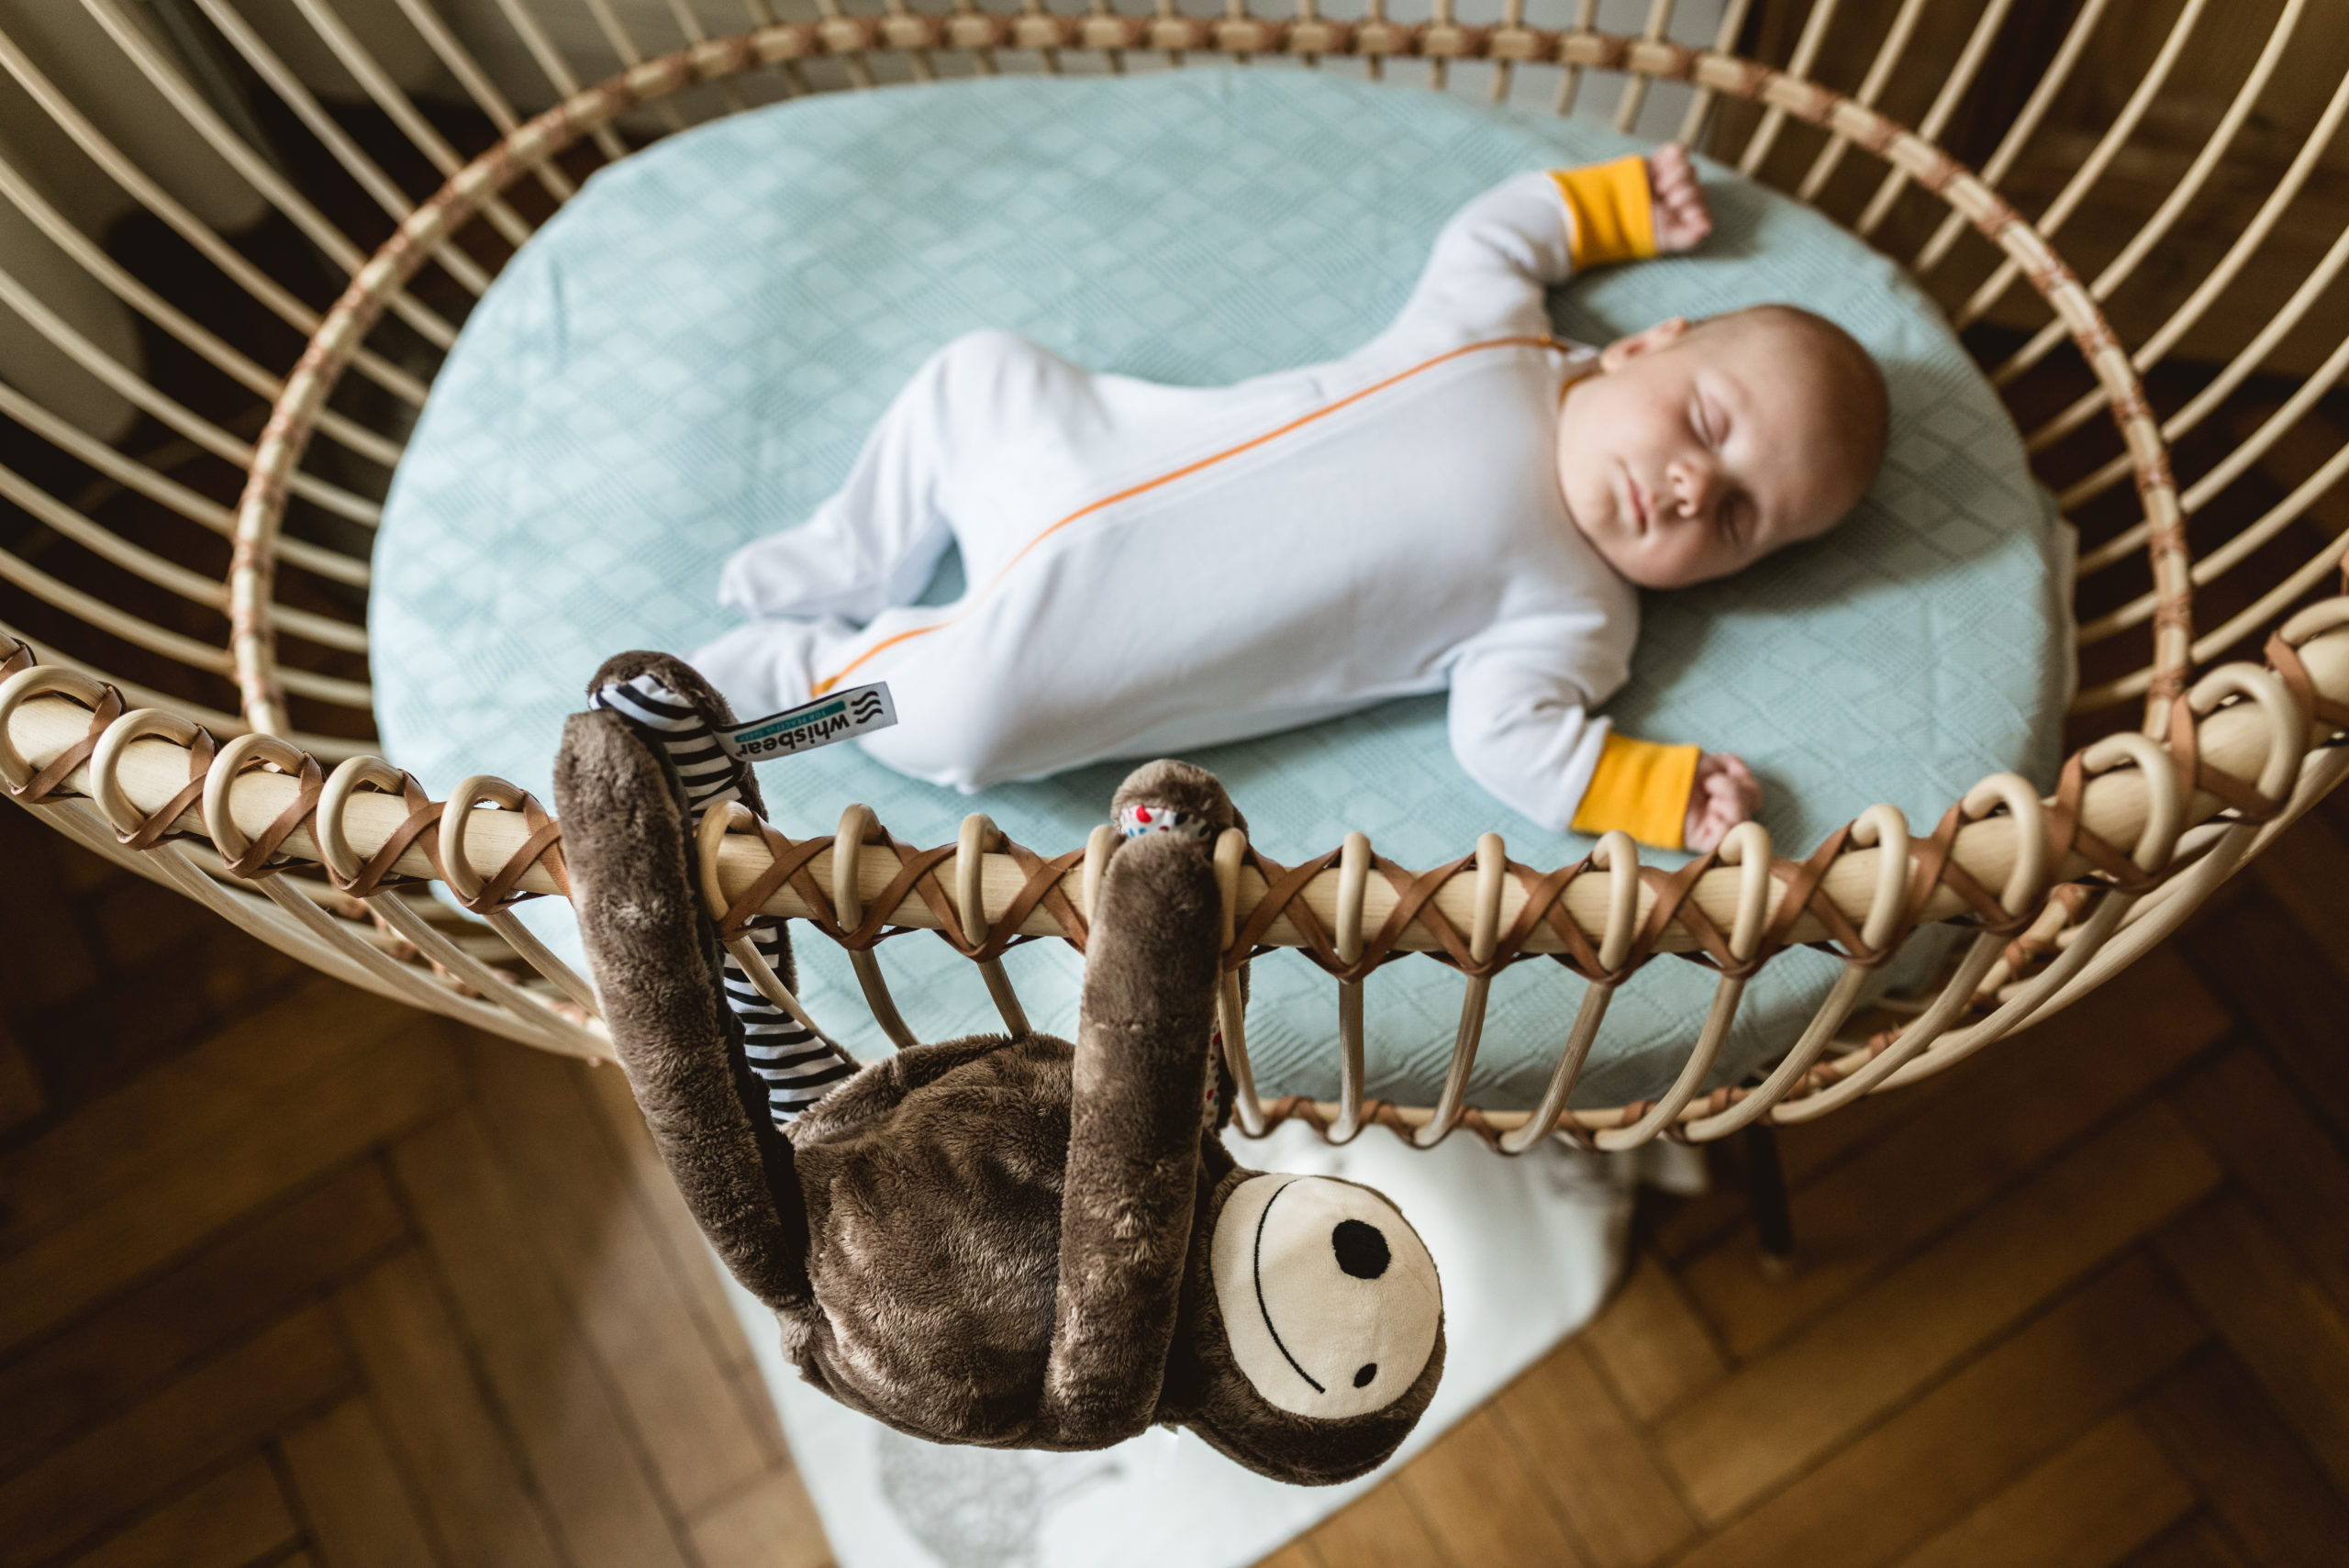 Dlaczego 8-miesięczne dziecko budzi się w nocy z płaczem?